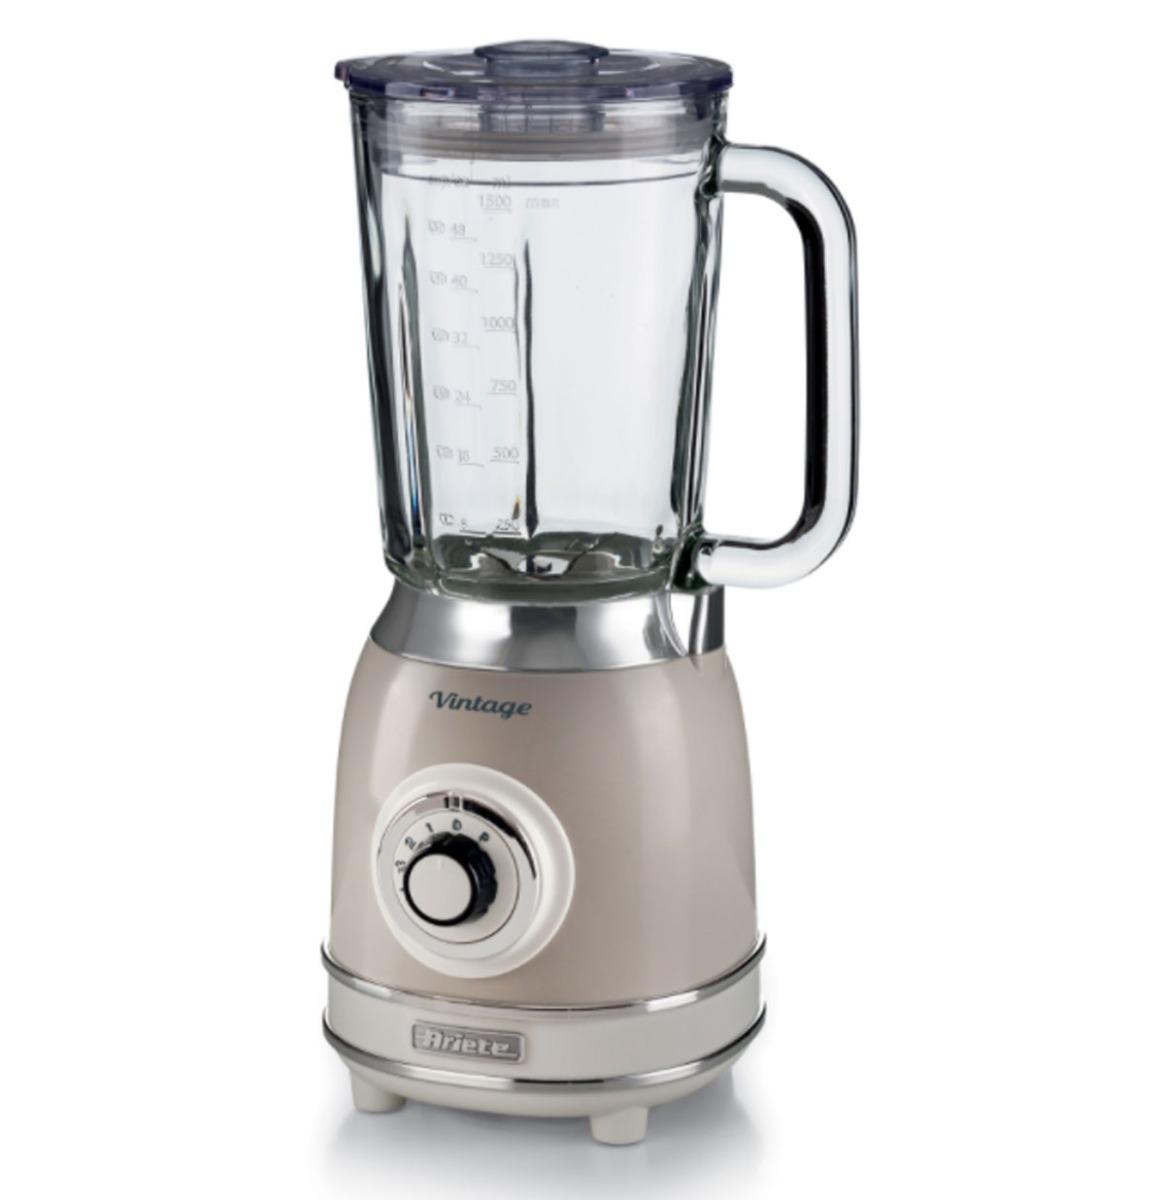 Ariete Vintage Blender - 1000 Watt - Beige 1,5 Liter